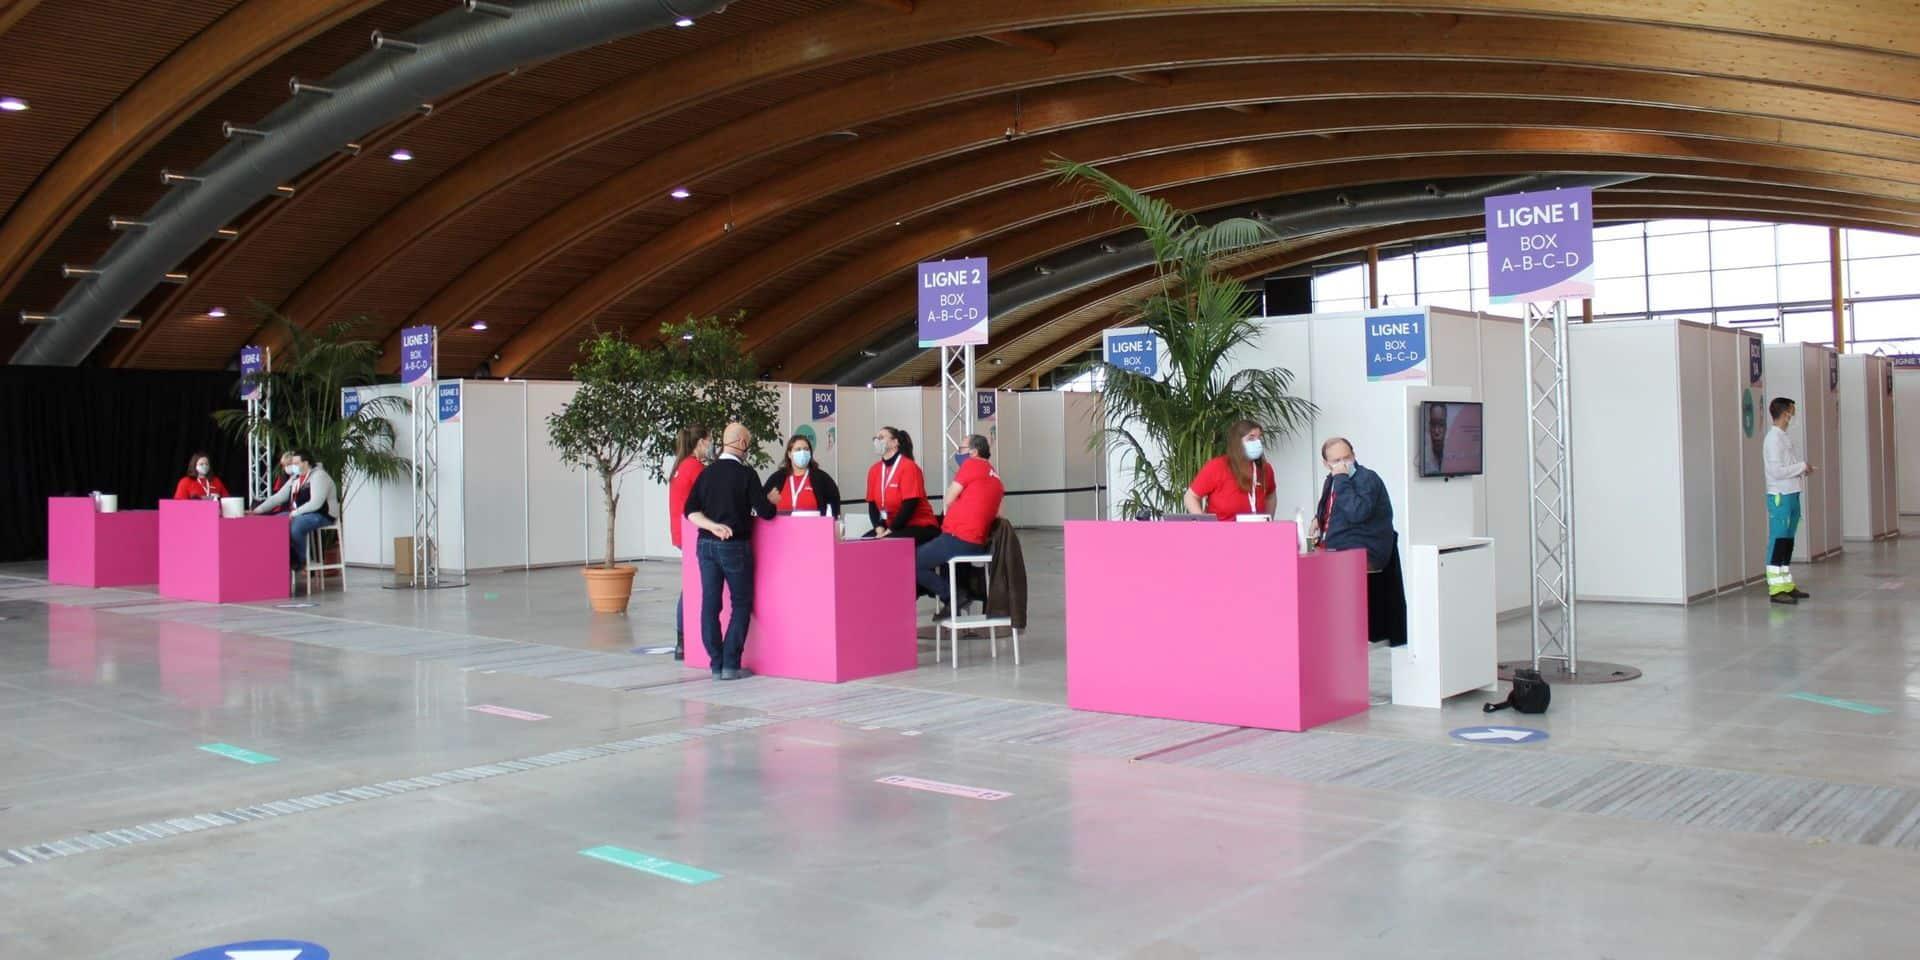 Province de Luxembourg : les visites autorisées dans les hôpitaux dès lundi